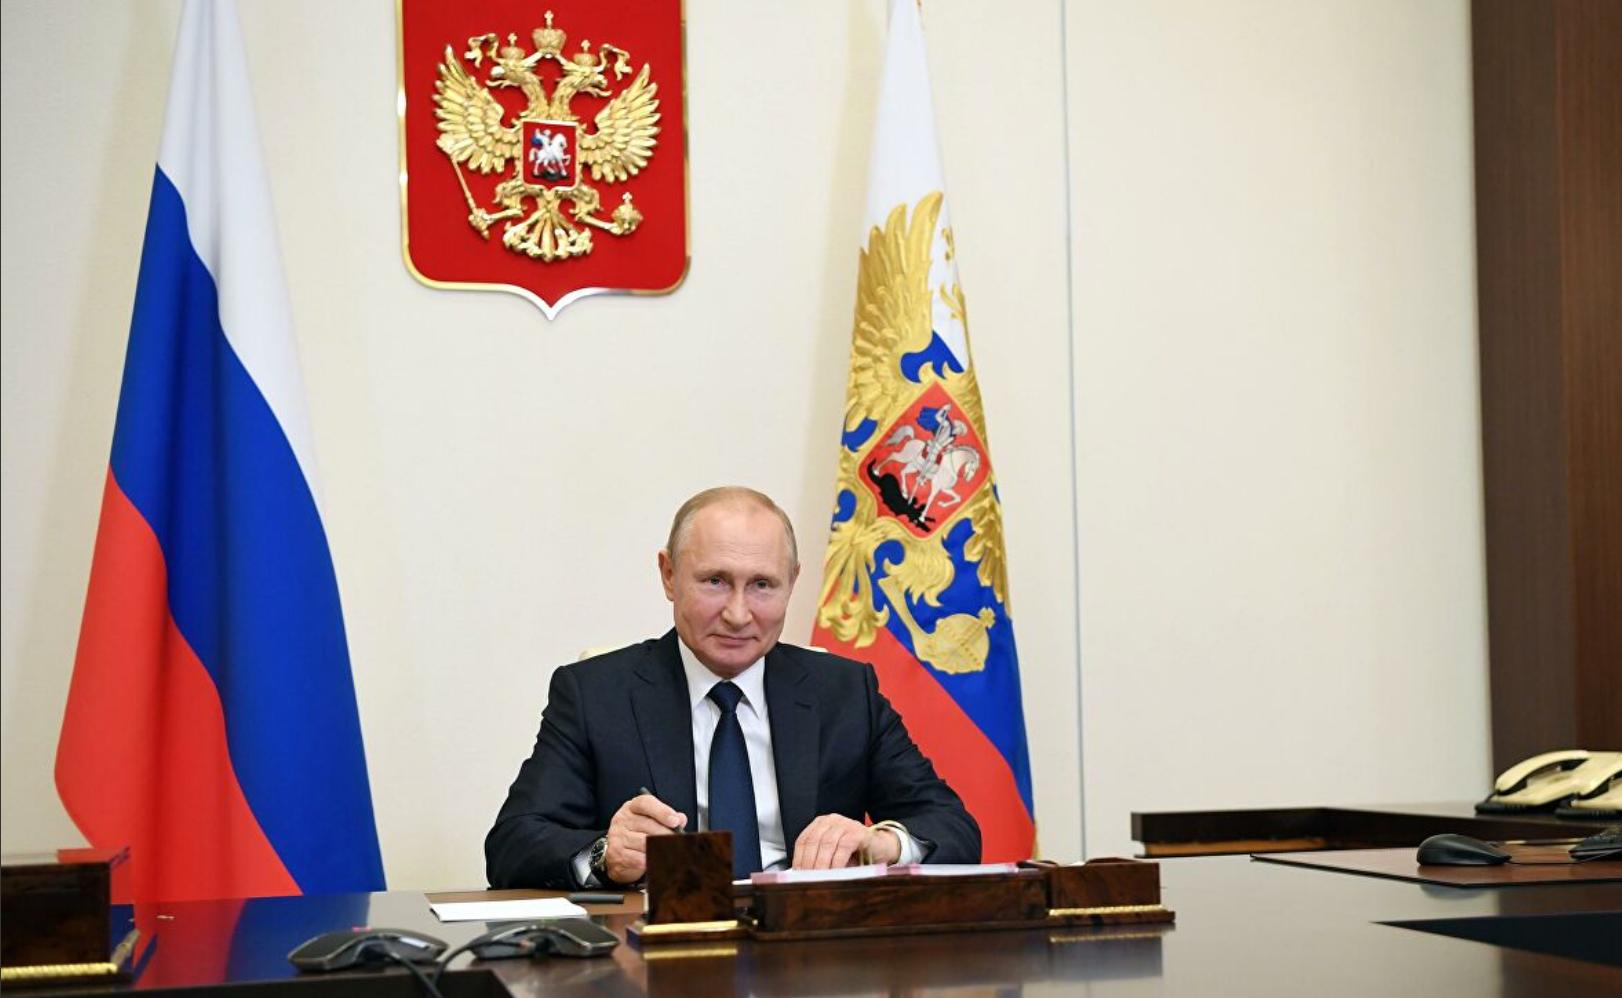 Путин объявил о новой дате голосования по поправкам в Конституцию